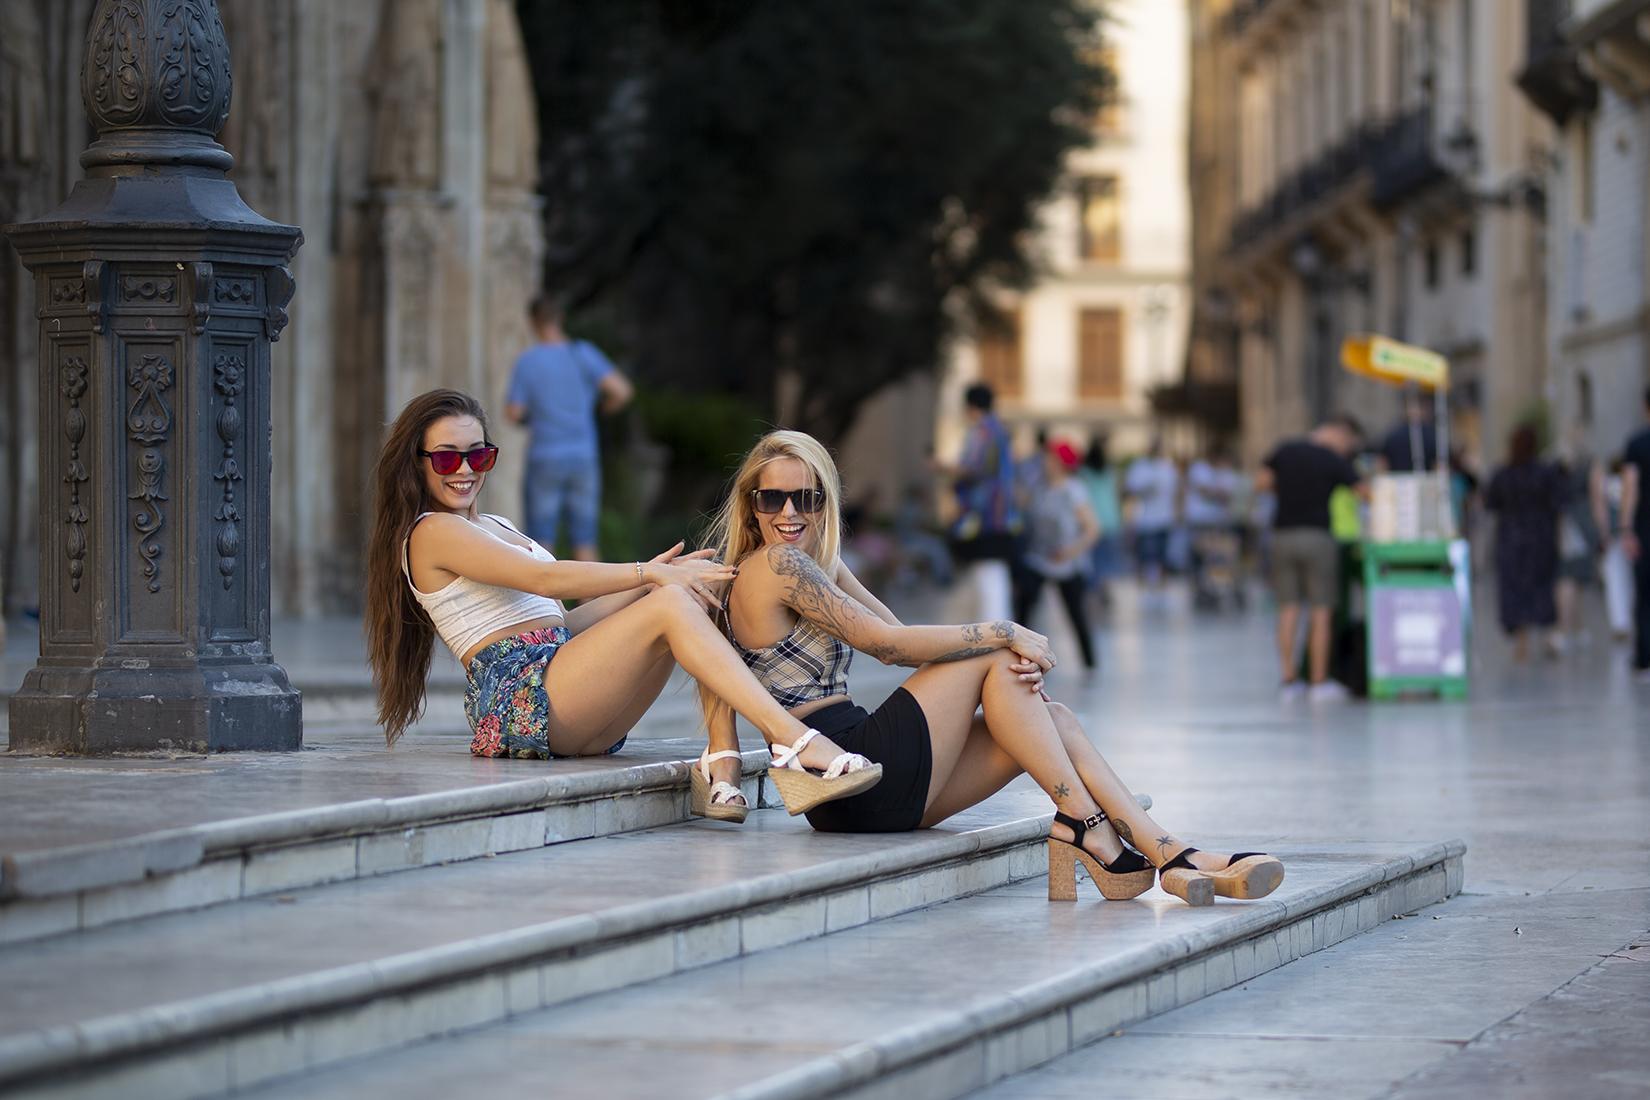 Sesiones de fotos en la ciudad Valencia